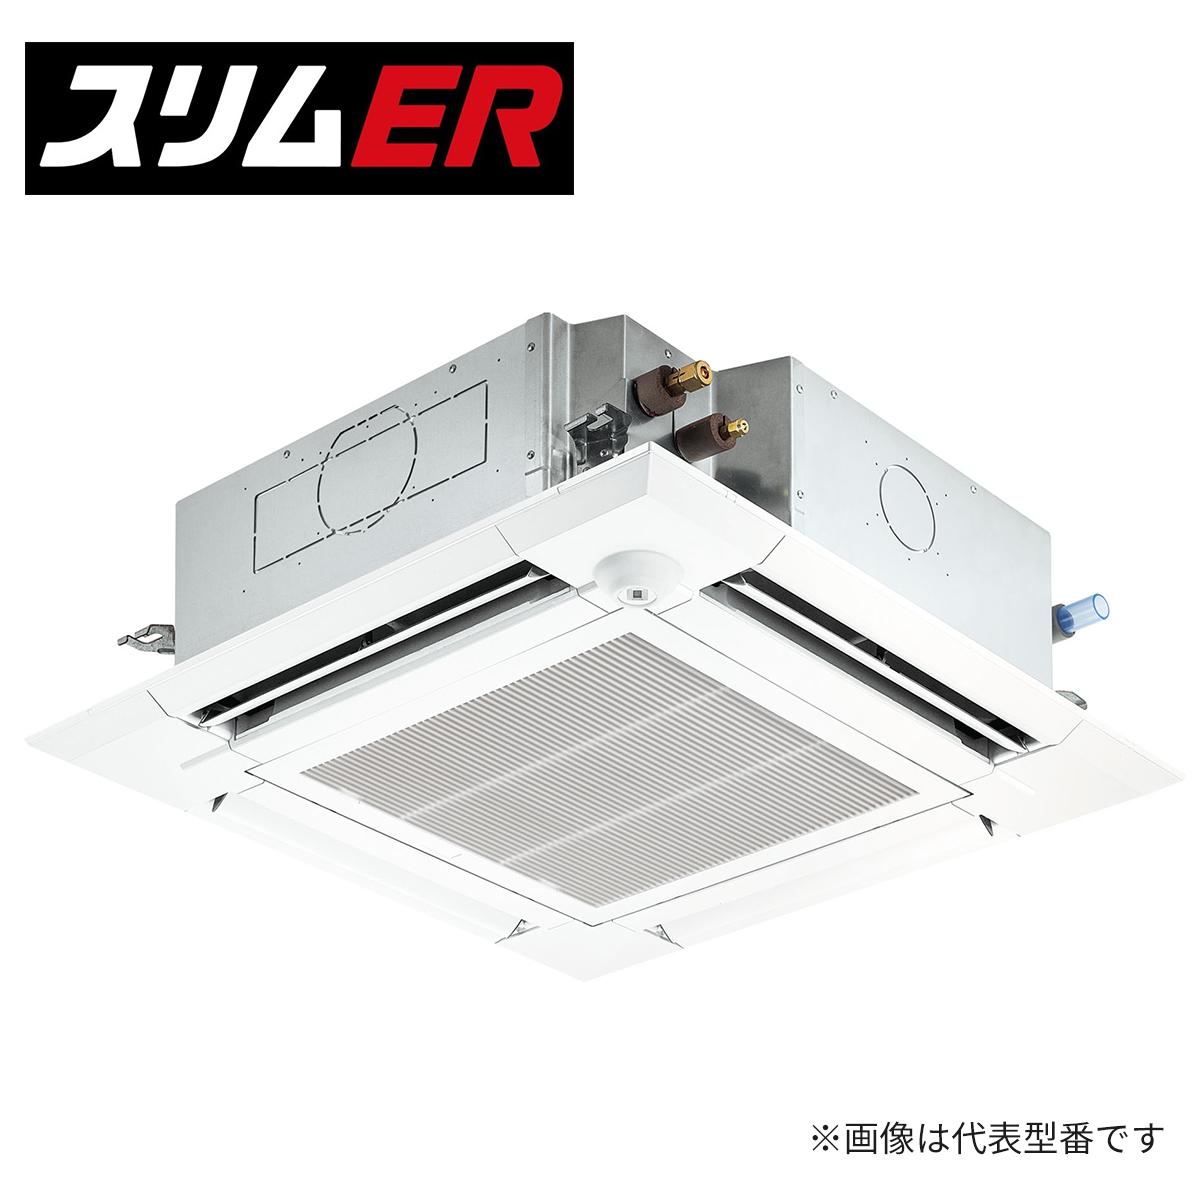 ###三菱 業務用エアコン【PLZ-ERMP80ER】スリムER 4方向天井カセット形(ファインパワーカセット) 標準シングル ワイヤード 三相200V 3馬力 ピュアホワイト